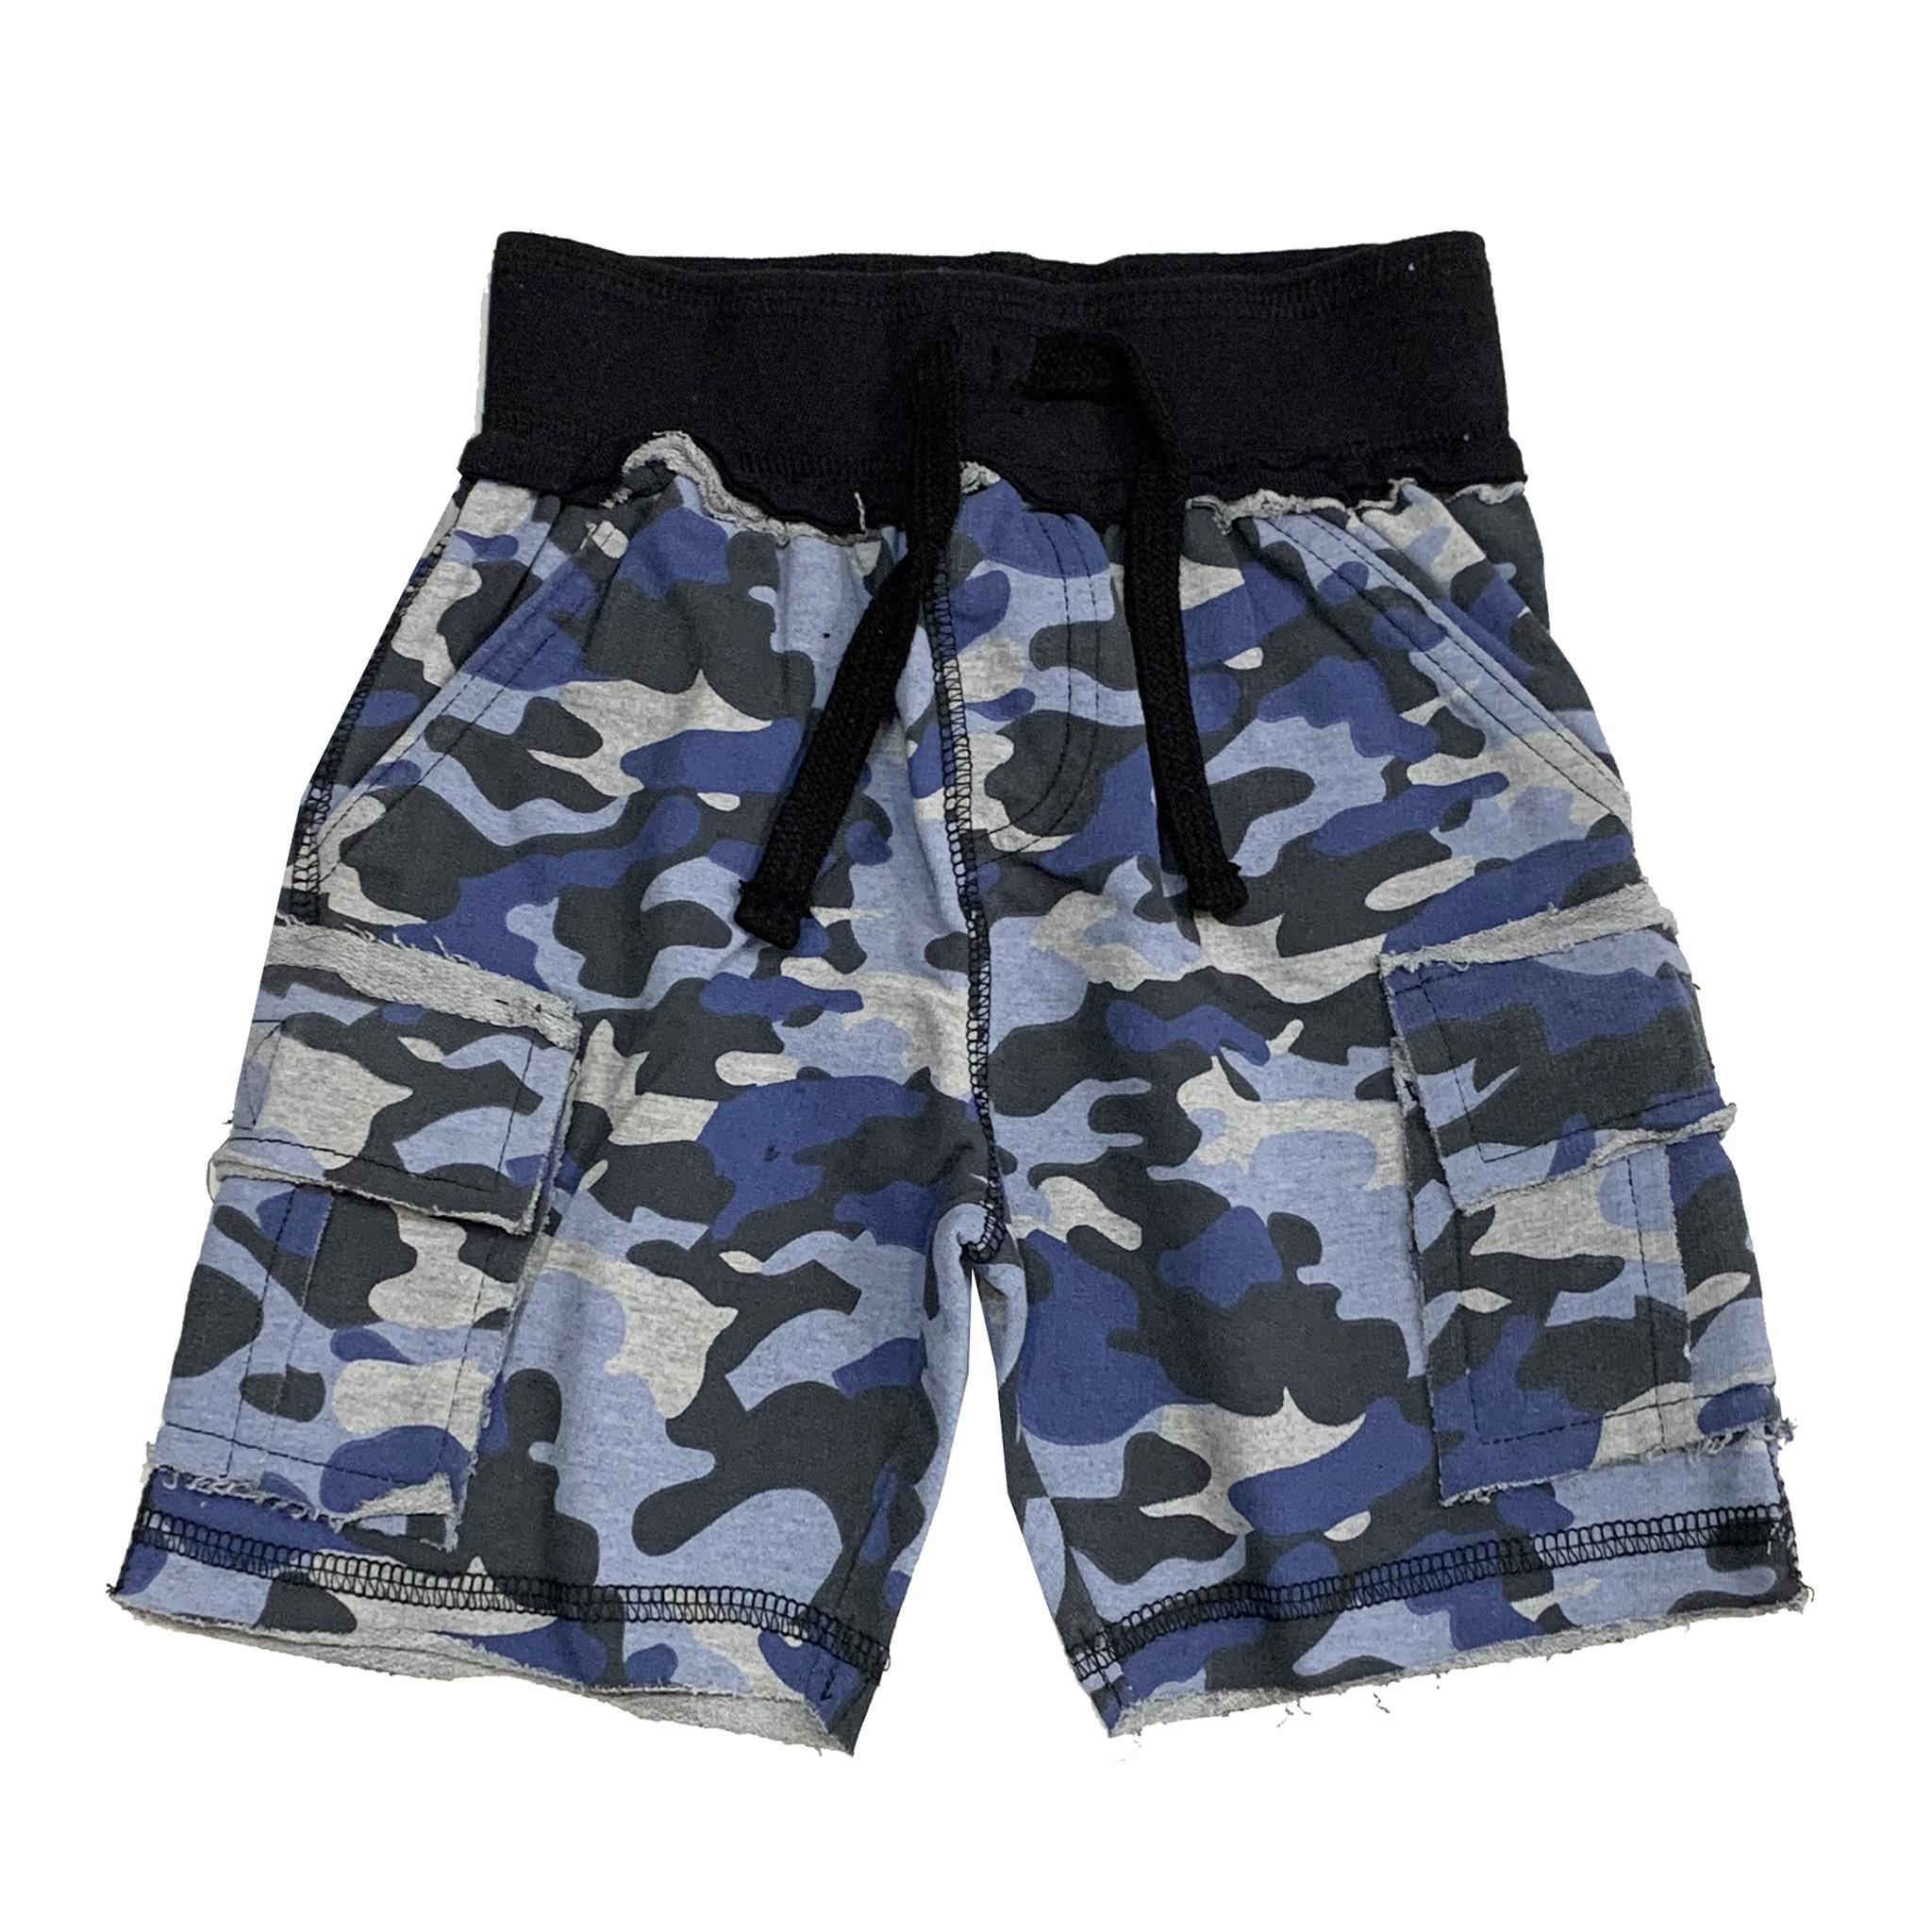 Mish Navy Camo Infant Shorts